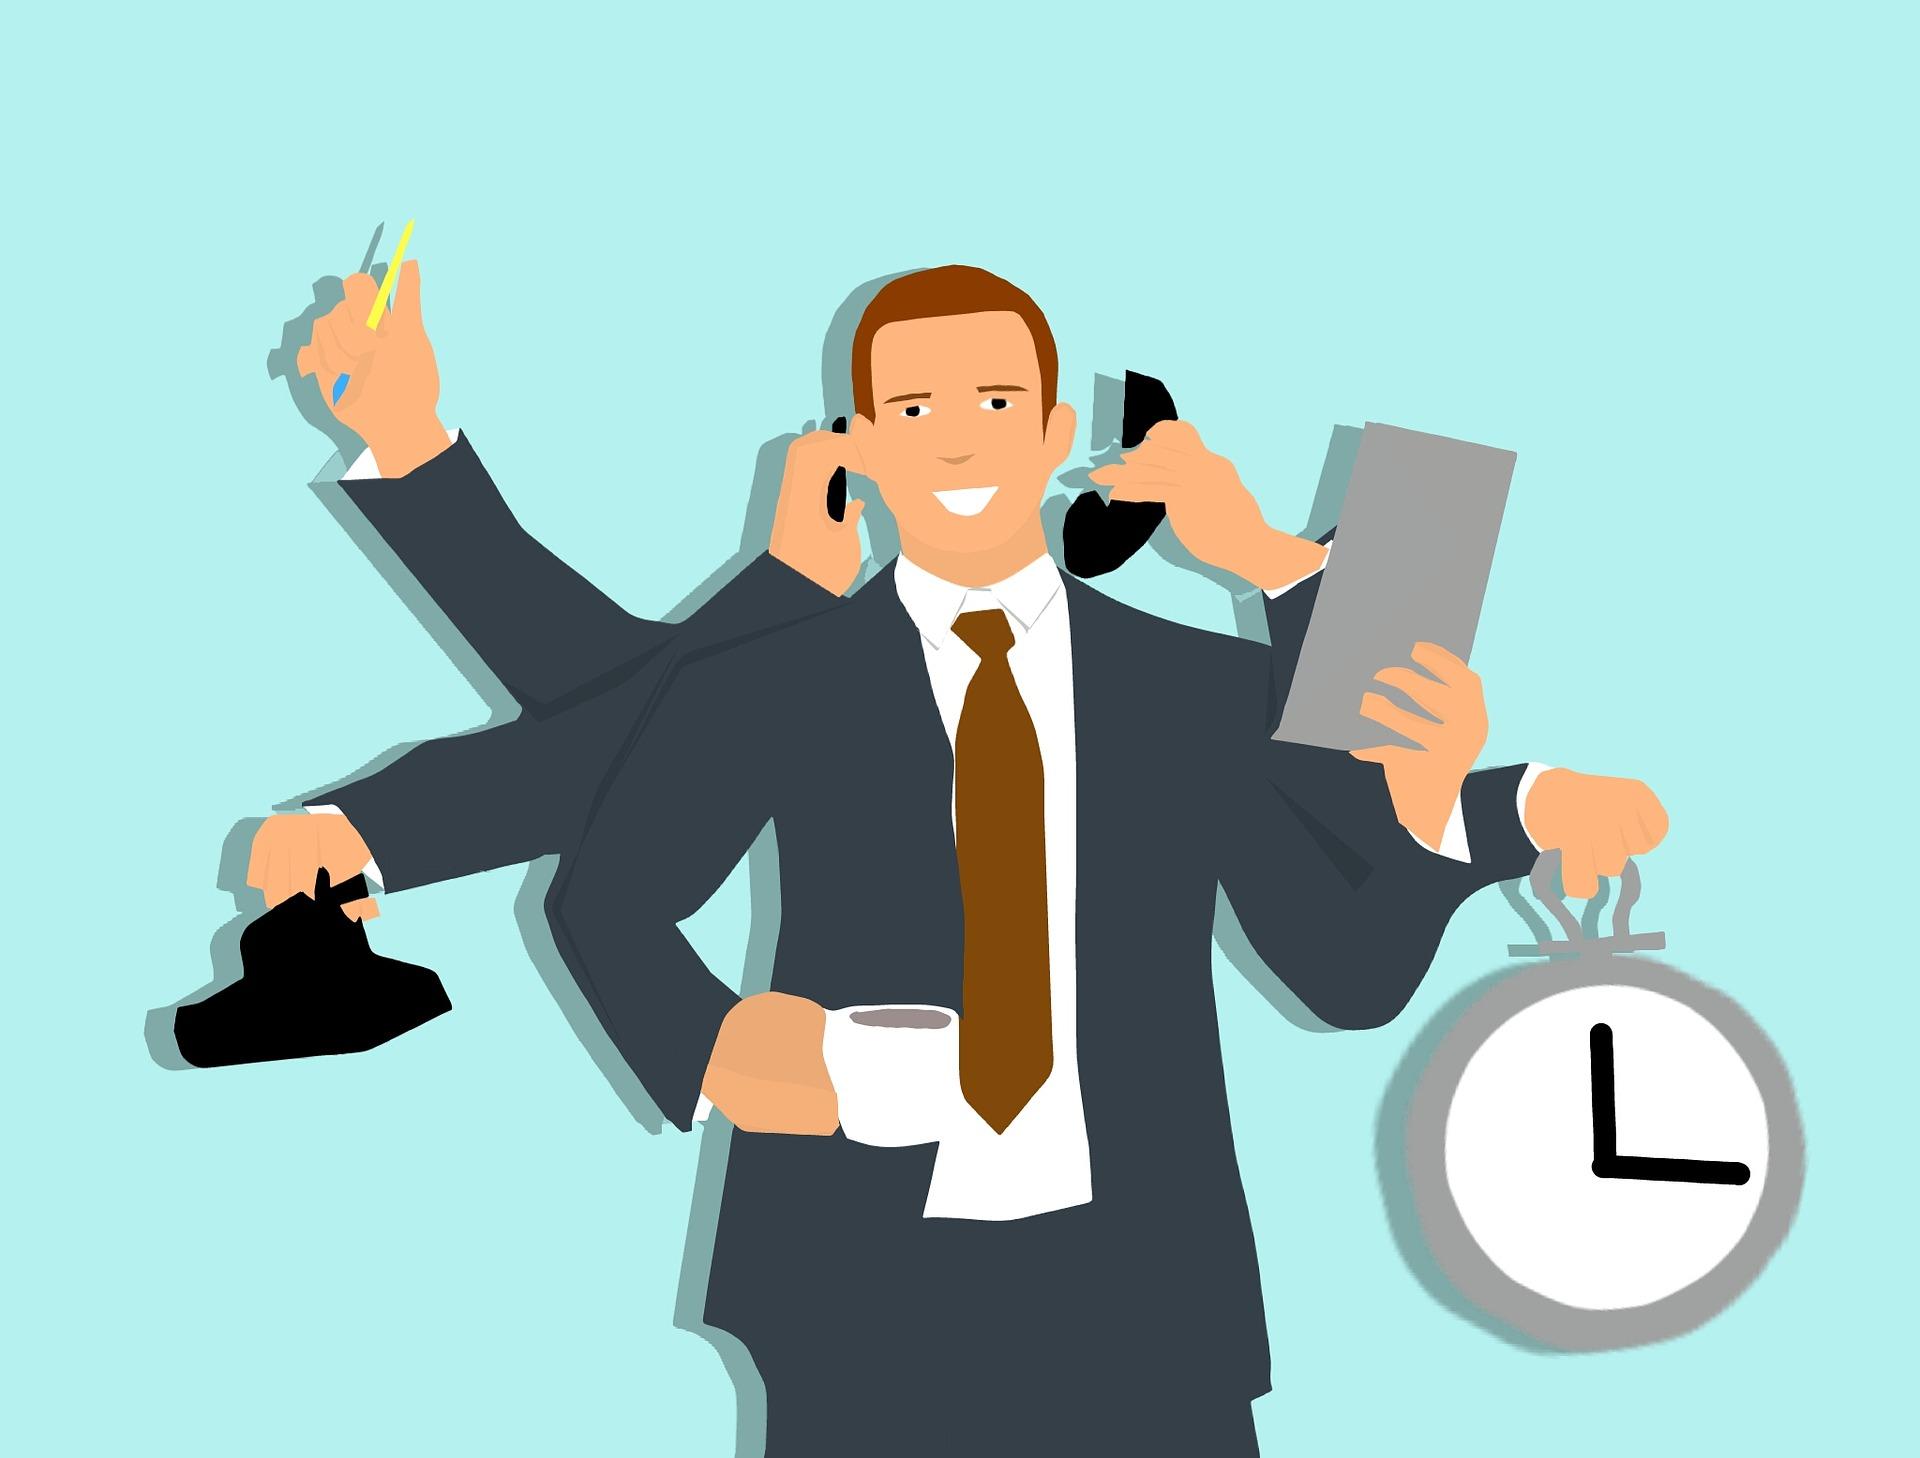 『会社にバレない副業の対策』と『労働副業・不労副業の違い』